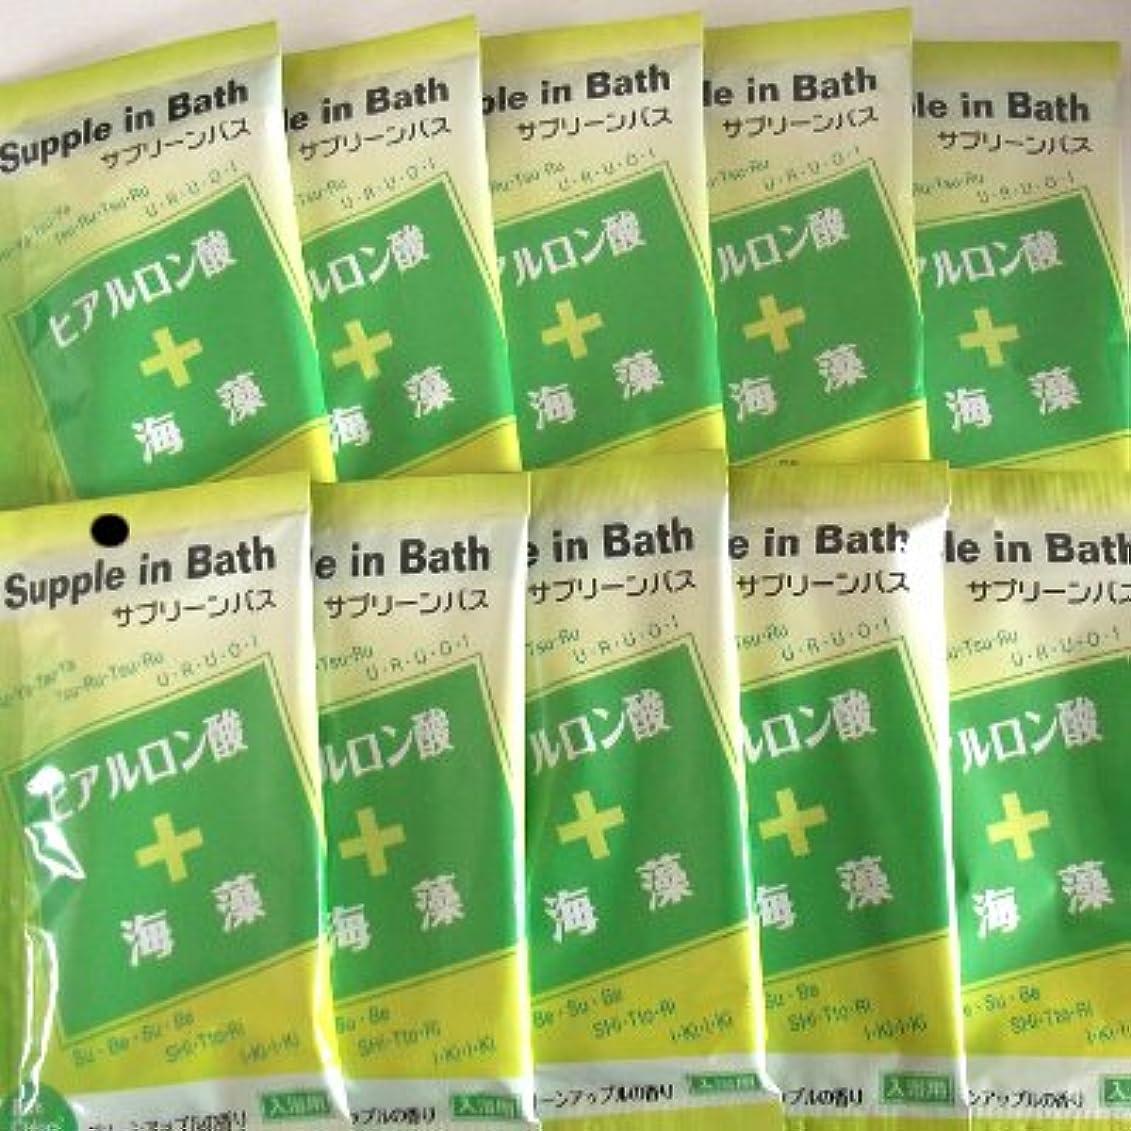 サプリーンバス ヒアルロン酸+海藻 10包セット